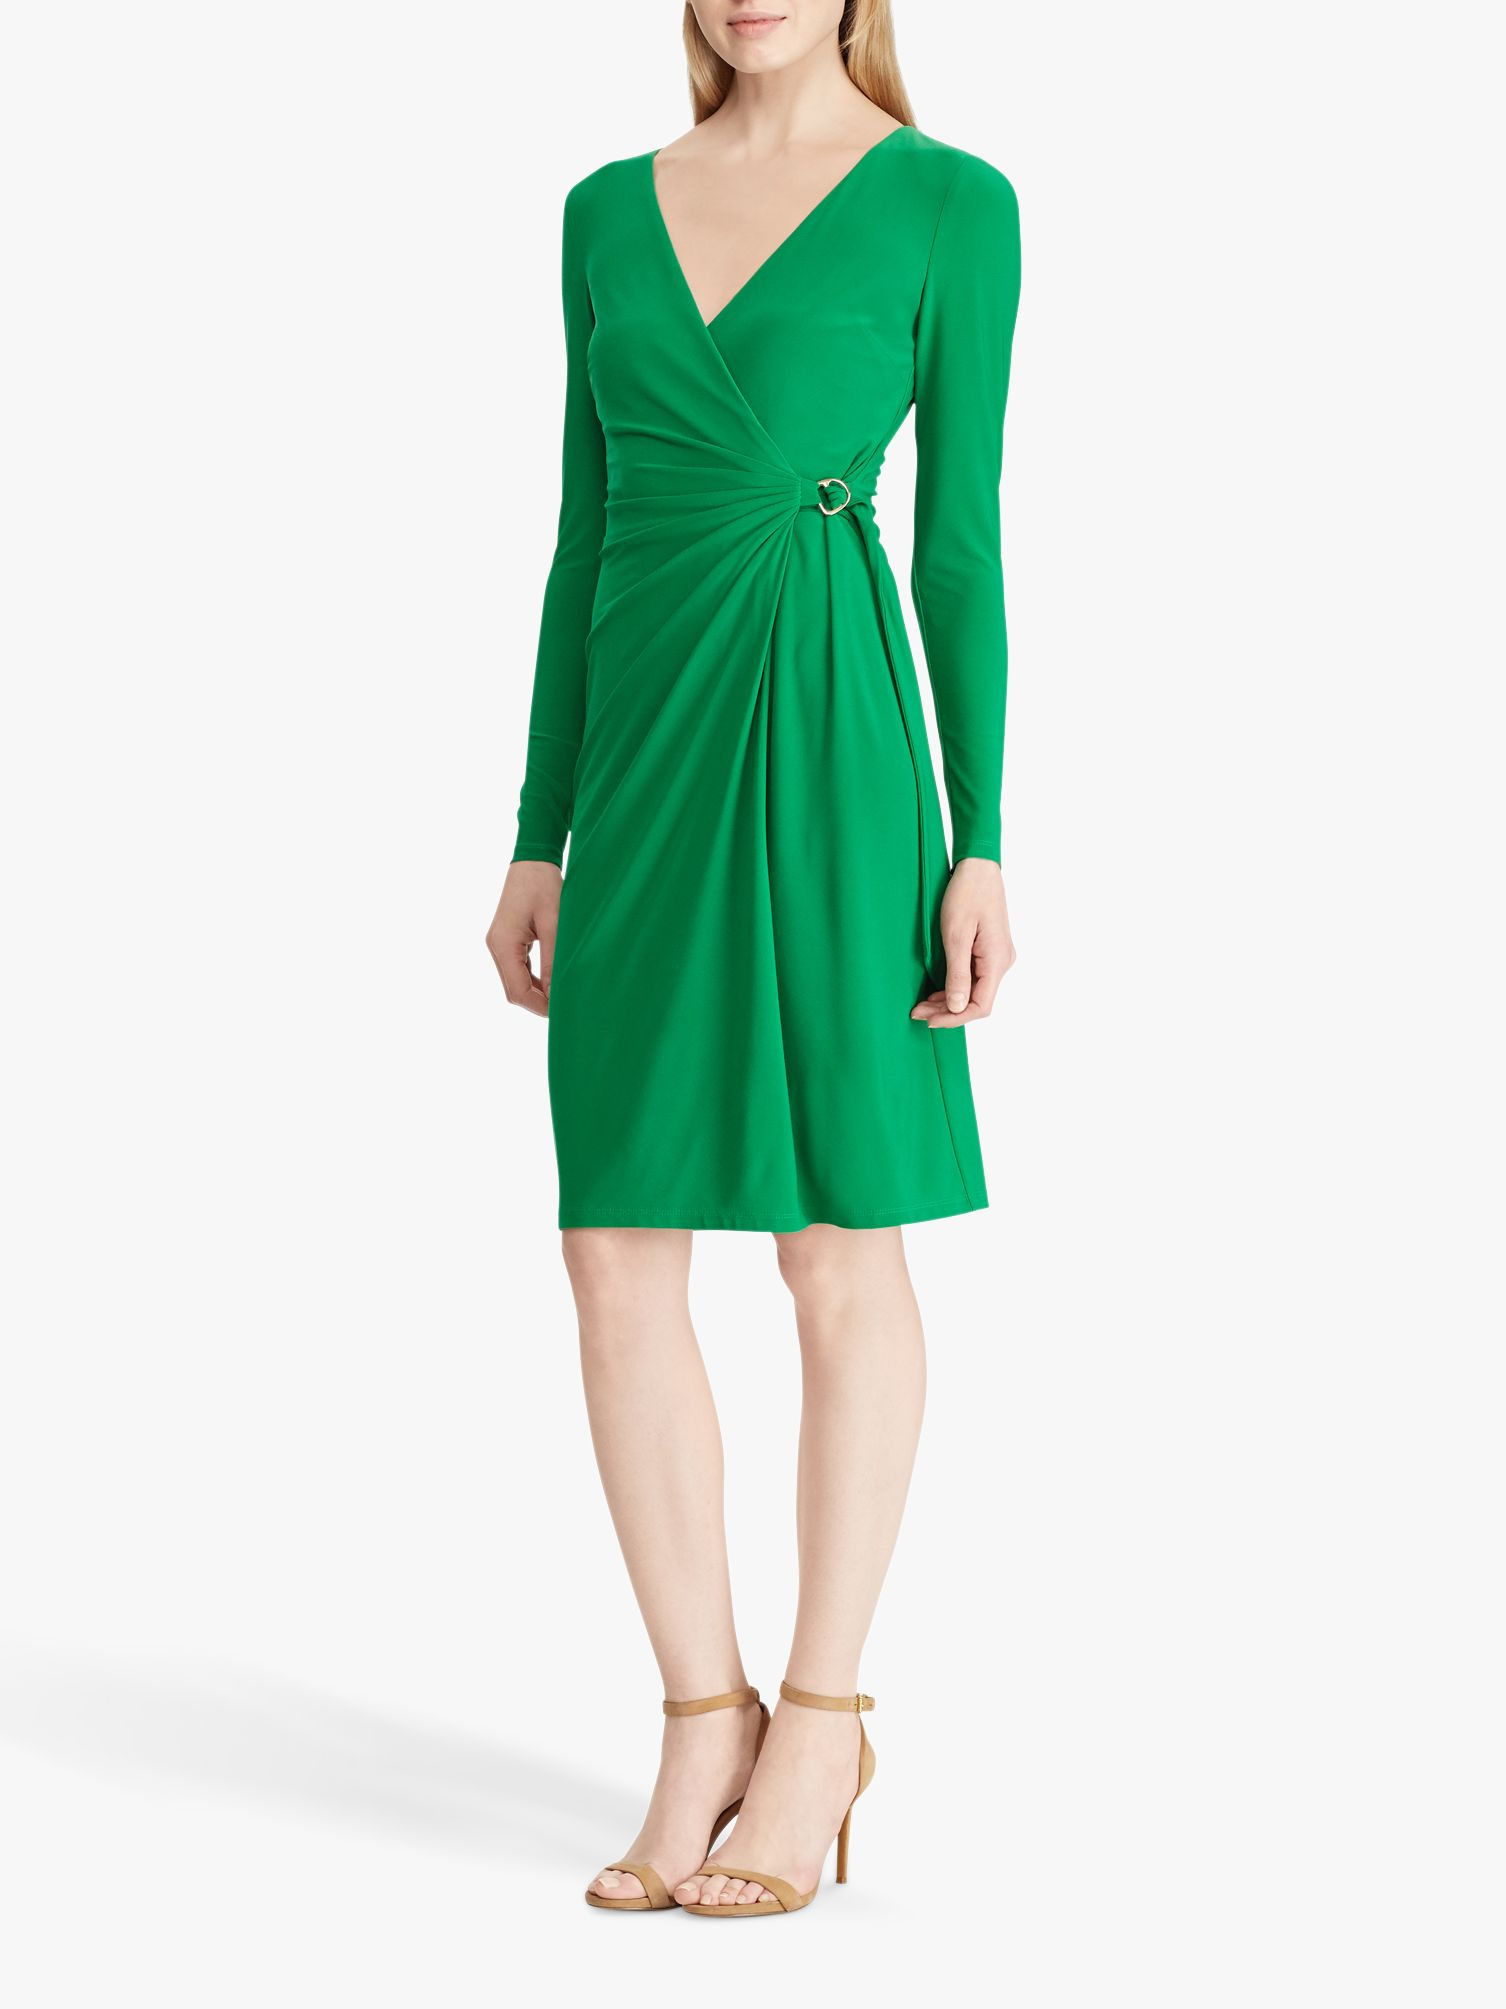 a483eb5979b Lauren Ralph Lauren Casondra Dress